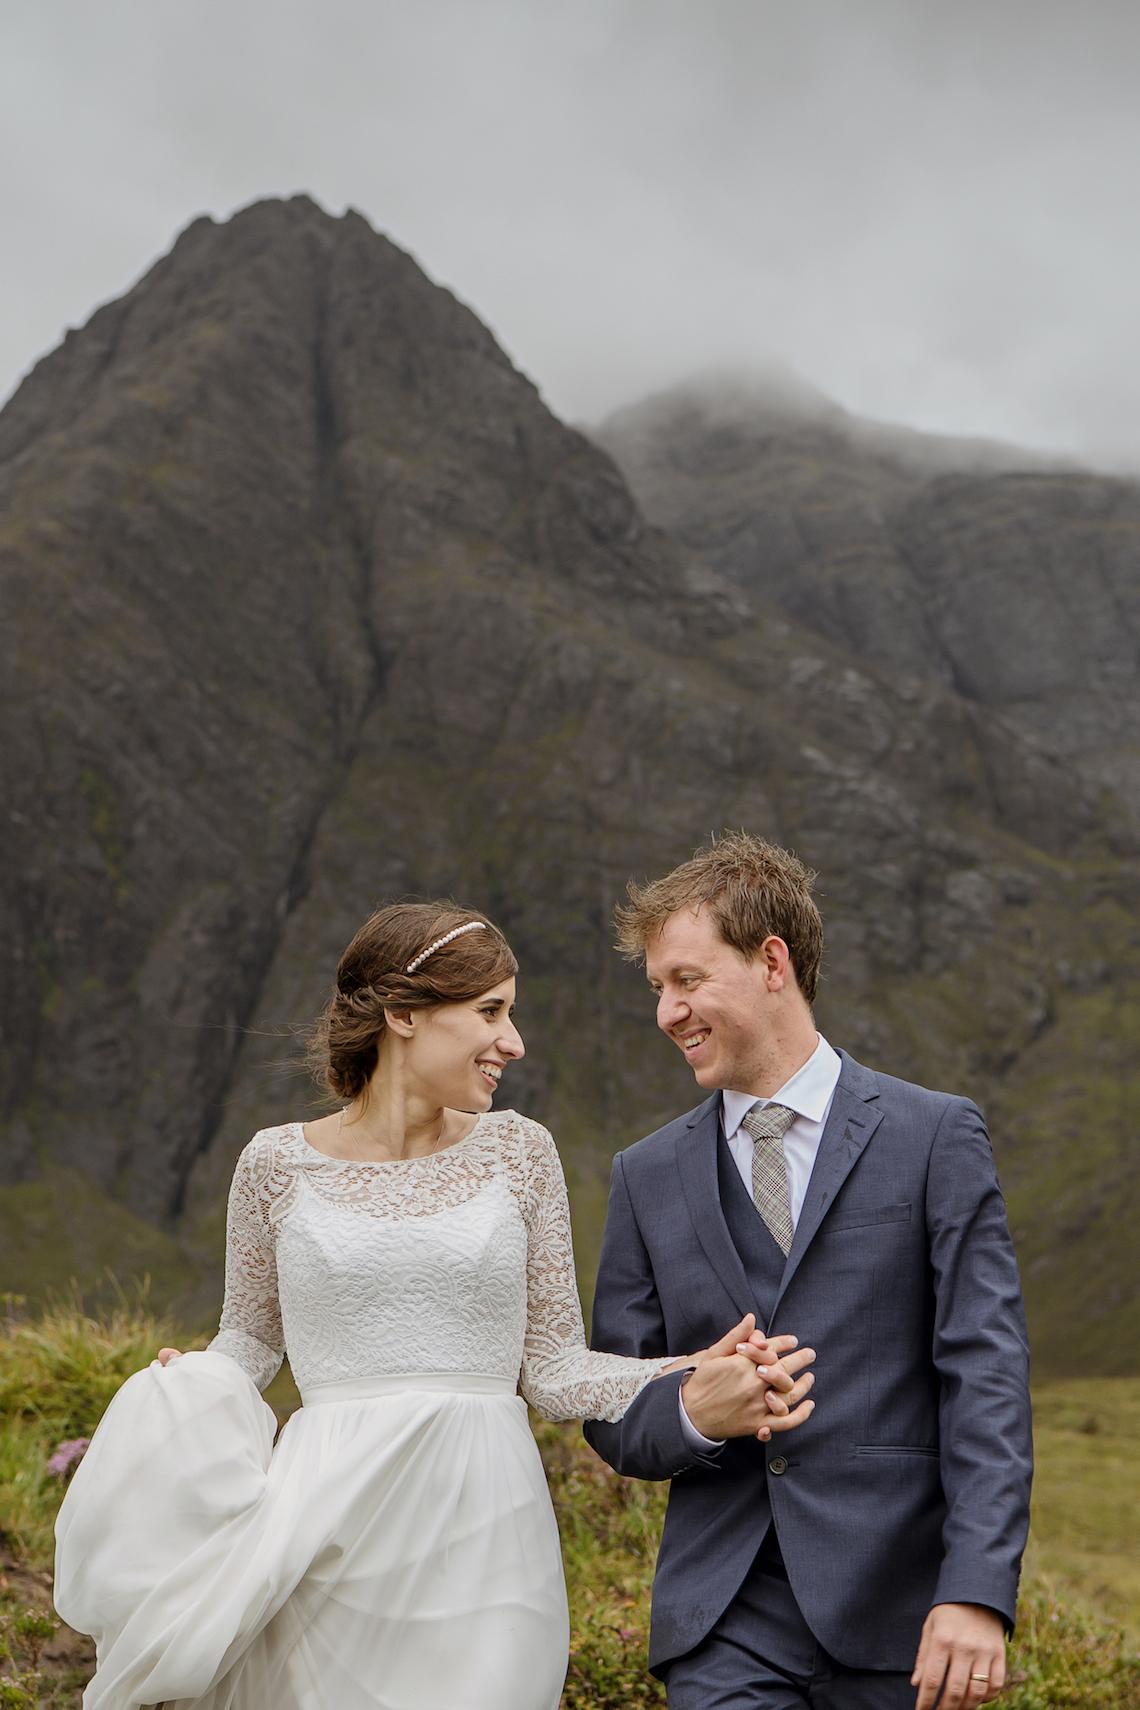 Wild & Adventurous Isle of Skye Elopement | Your Adventure Wedding 26